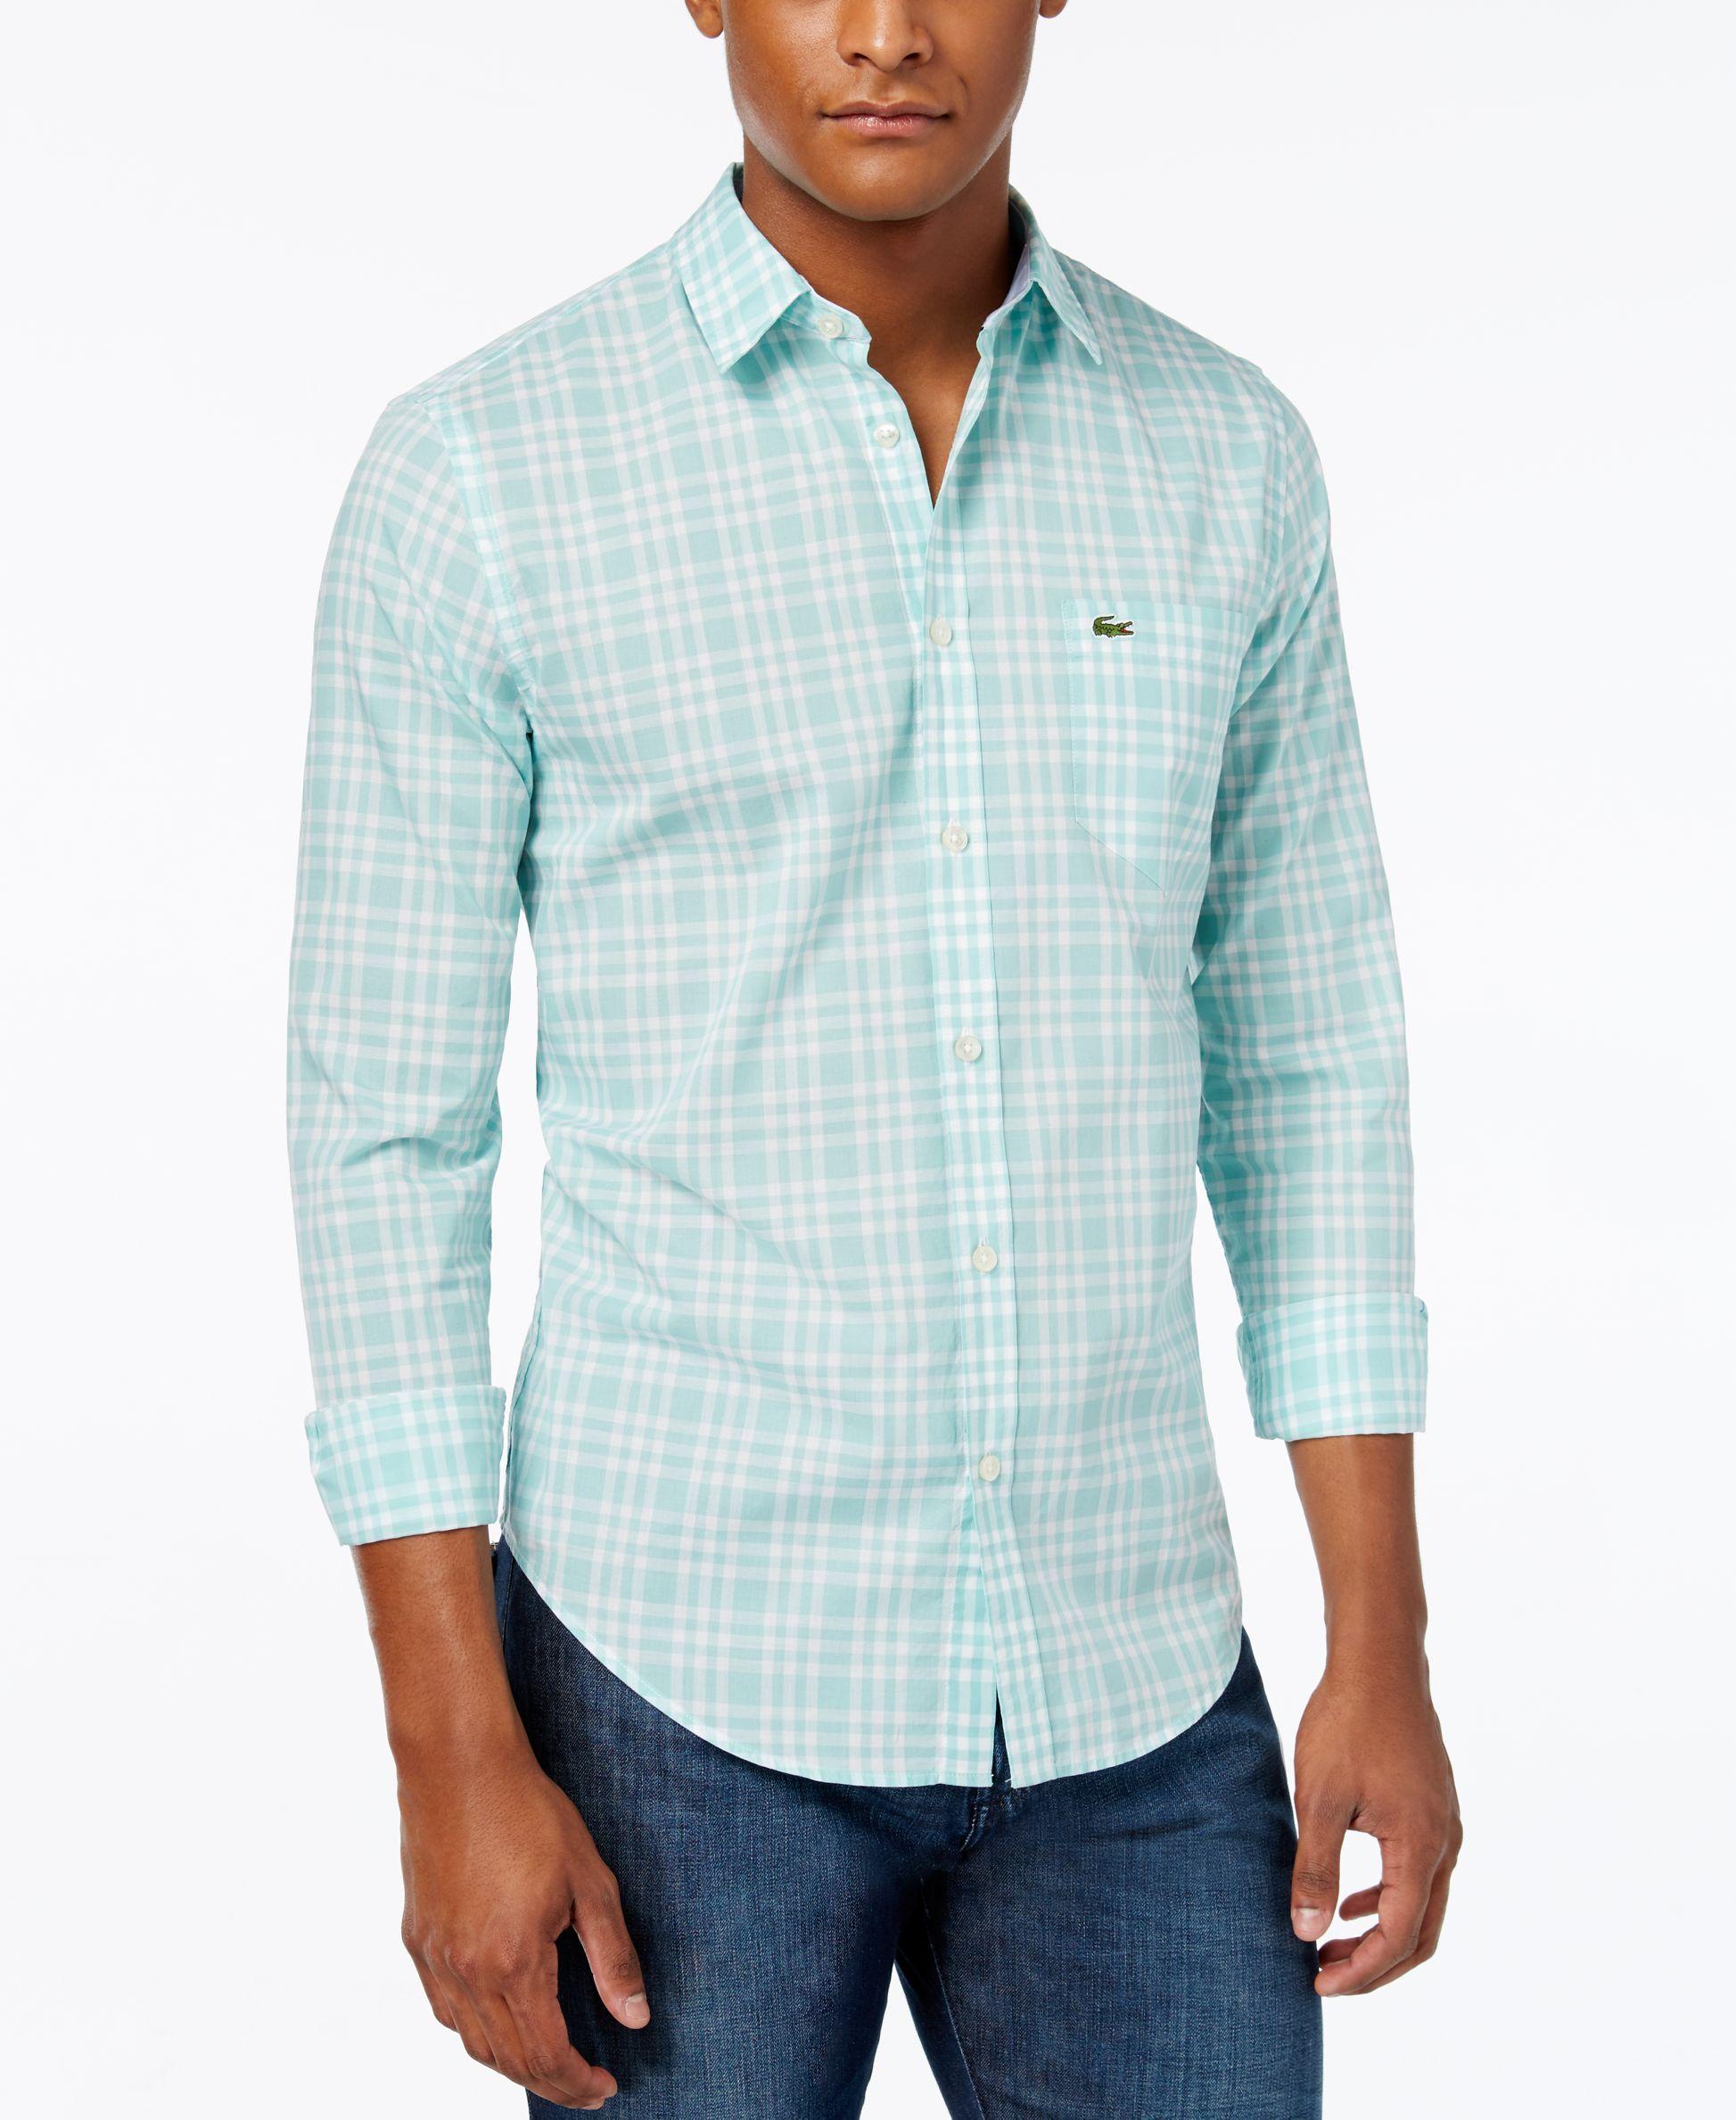 Lacoste Men S Check Poplin Long Sleeve Shirt Casual Button Down Shirts Men Macy S Long Sleeve Shirts Casual Long Sleeve Shirts Lacoste Men [ 2378 x 1947 Pixel ]